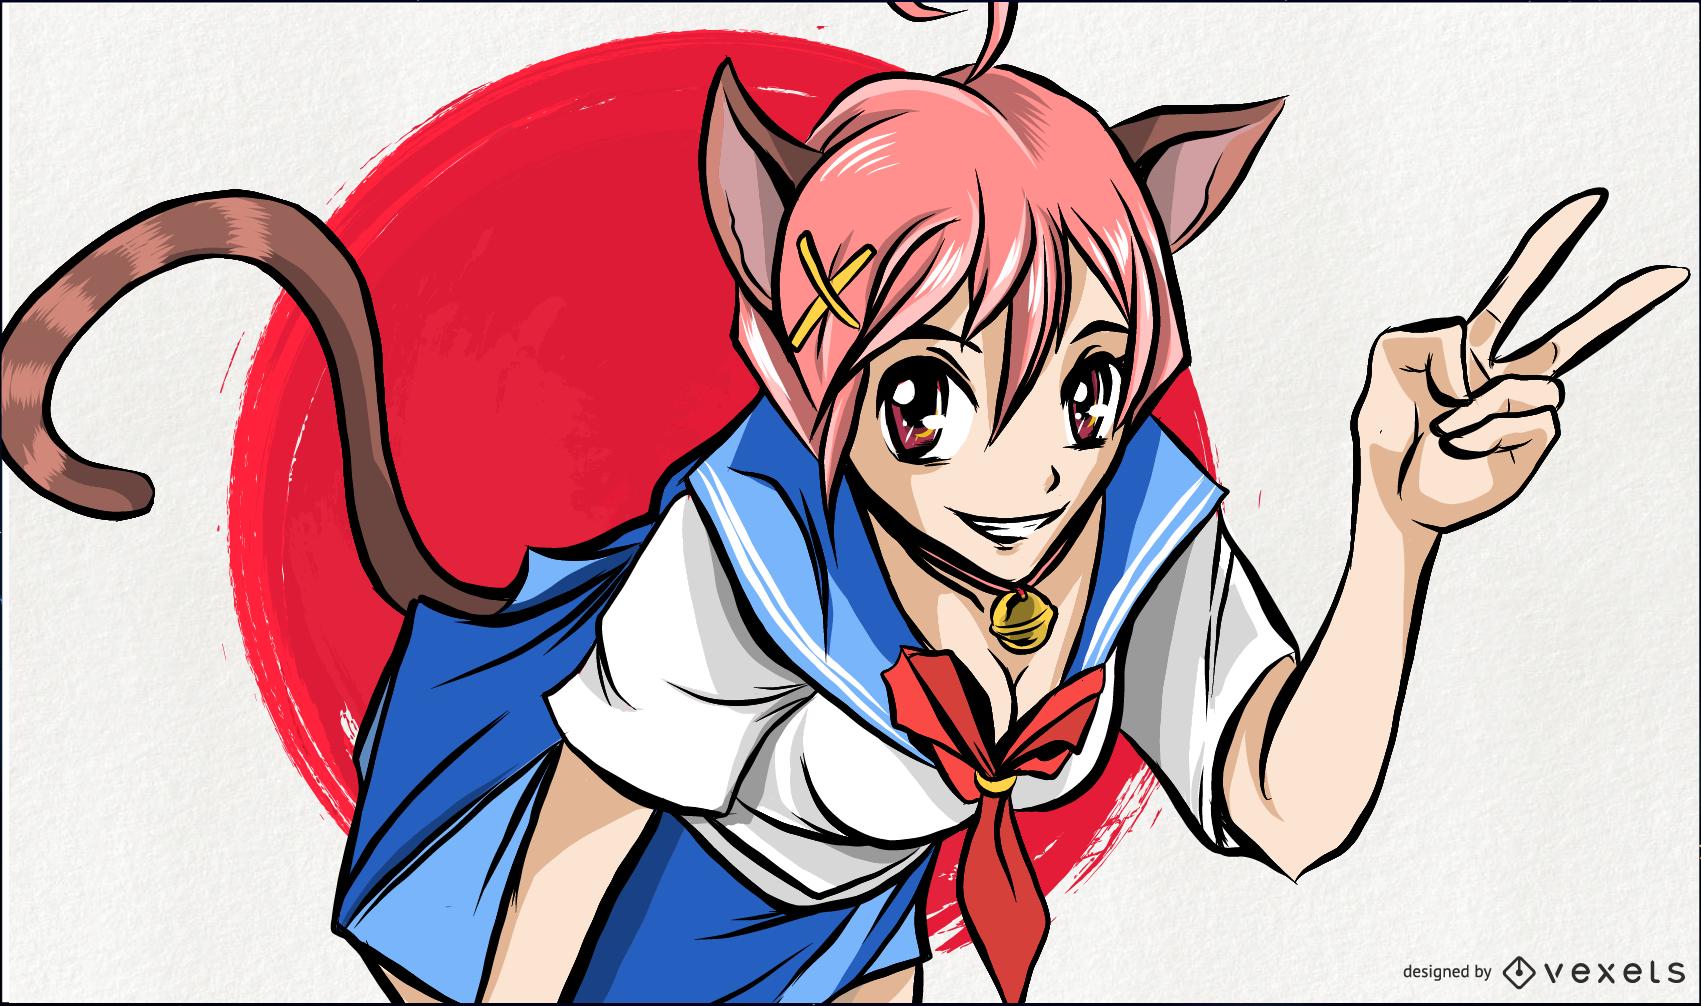 Anime Cat Girl Illustration